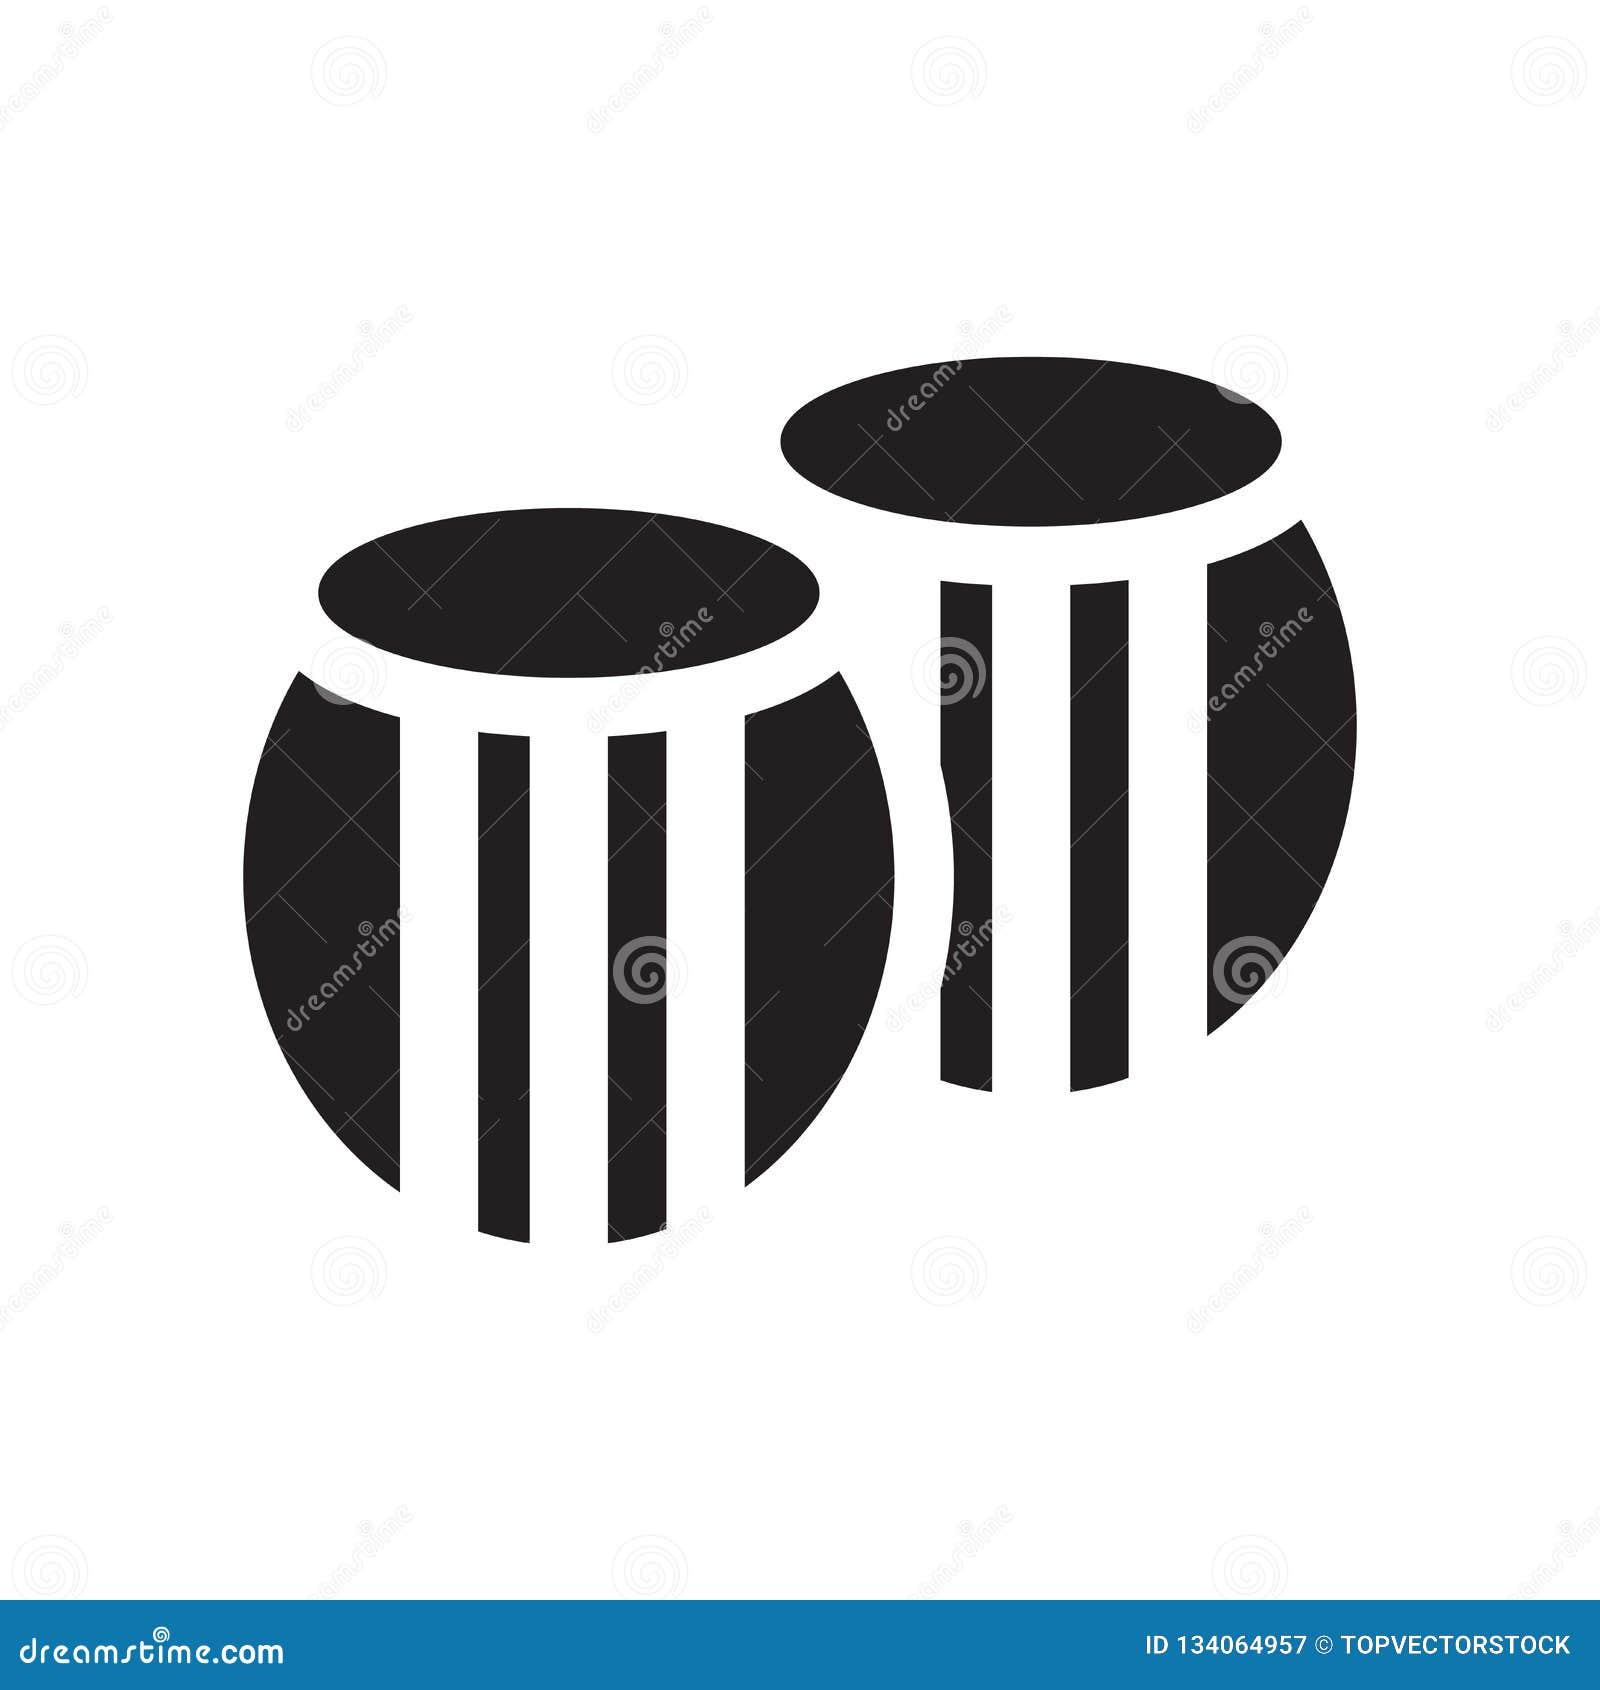 Βαρελιών σημάδι και σύμβολο εικονιδίων διανυσματικό που απομονώνονται στο άσπρο υπόβαθρο, έννοια λογότυπων βαρελιών